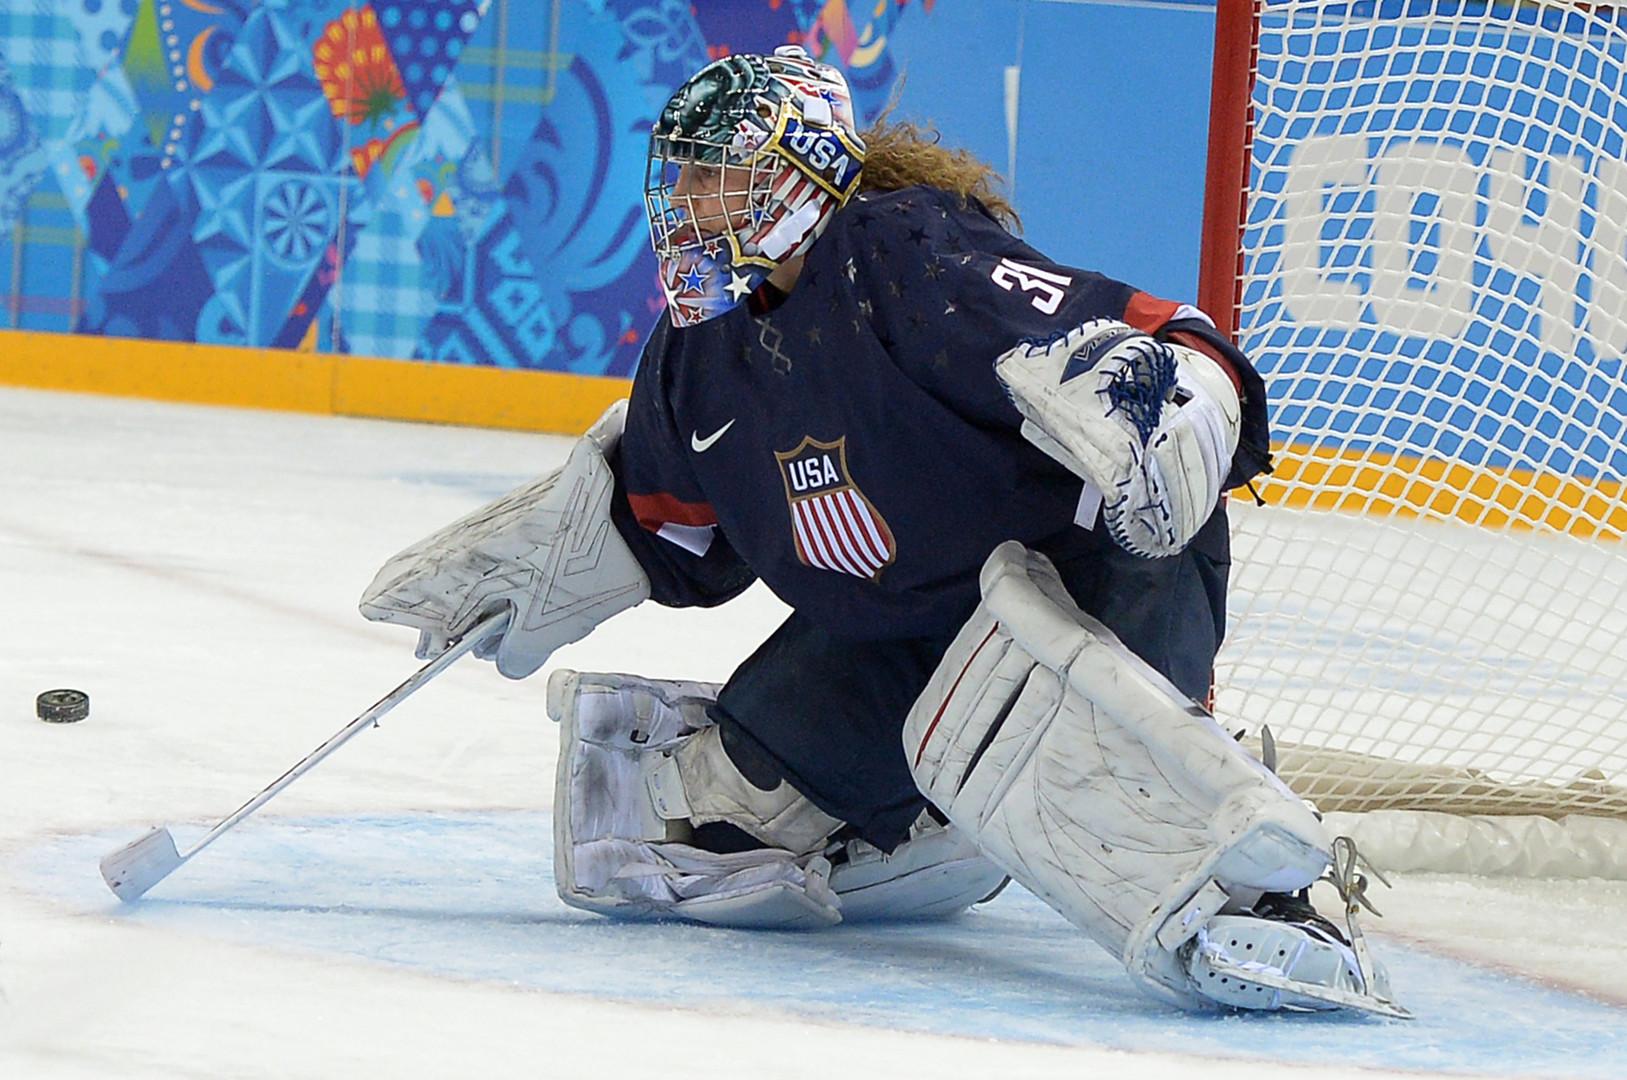 Золото за гроши: женская сборная США по хоккею намерена бойкотировать домашний ЧМ